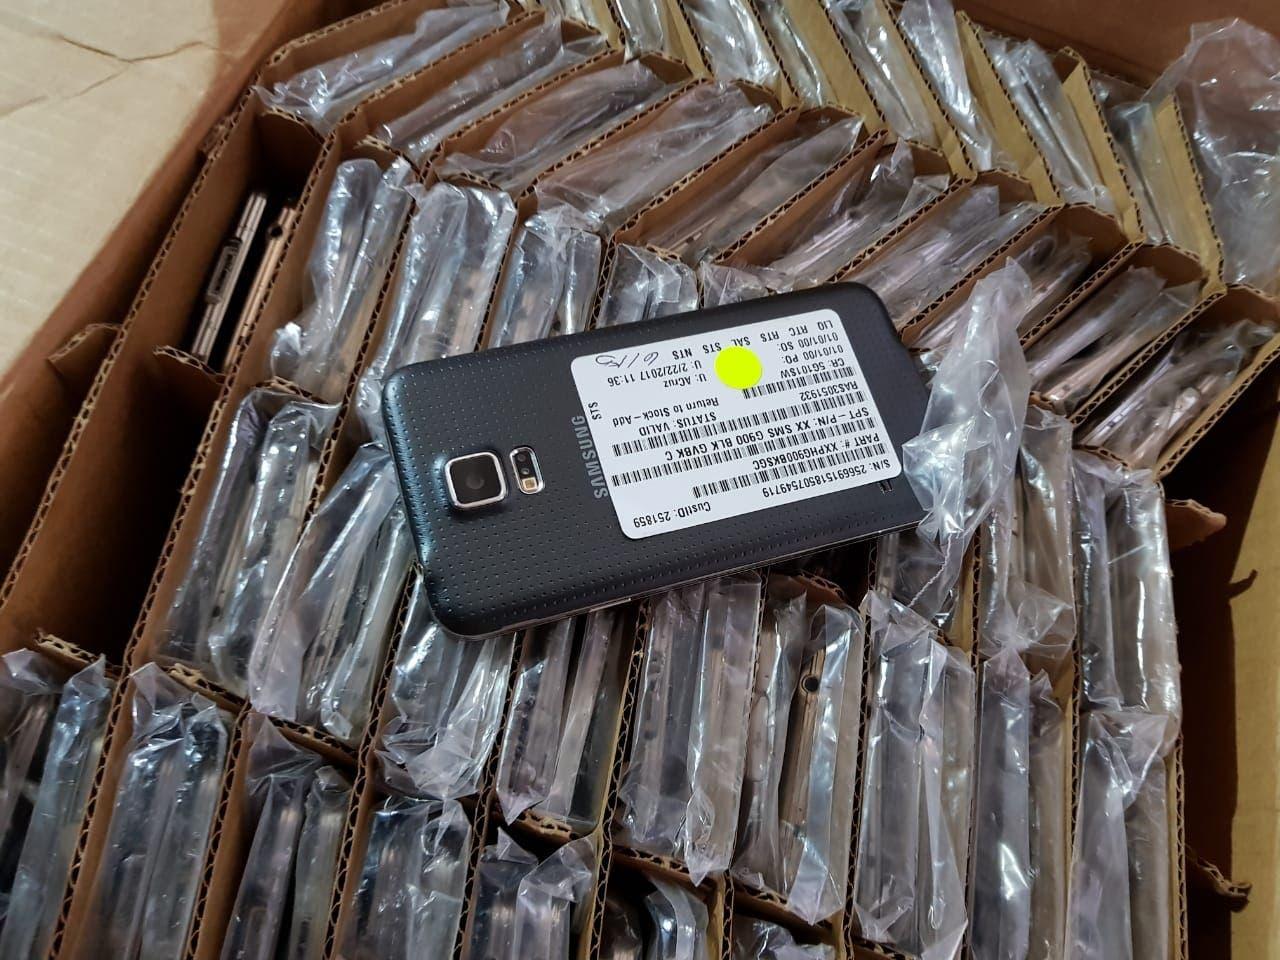 Parte de celulares detectados de contrabando.  fuente externa